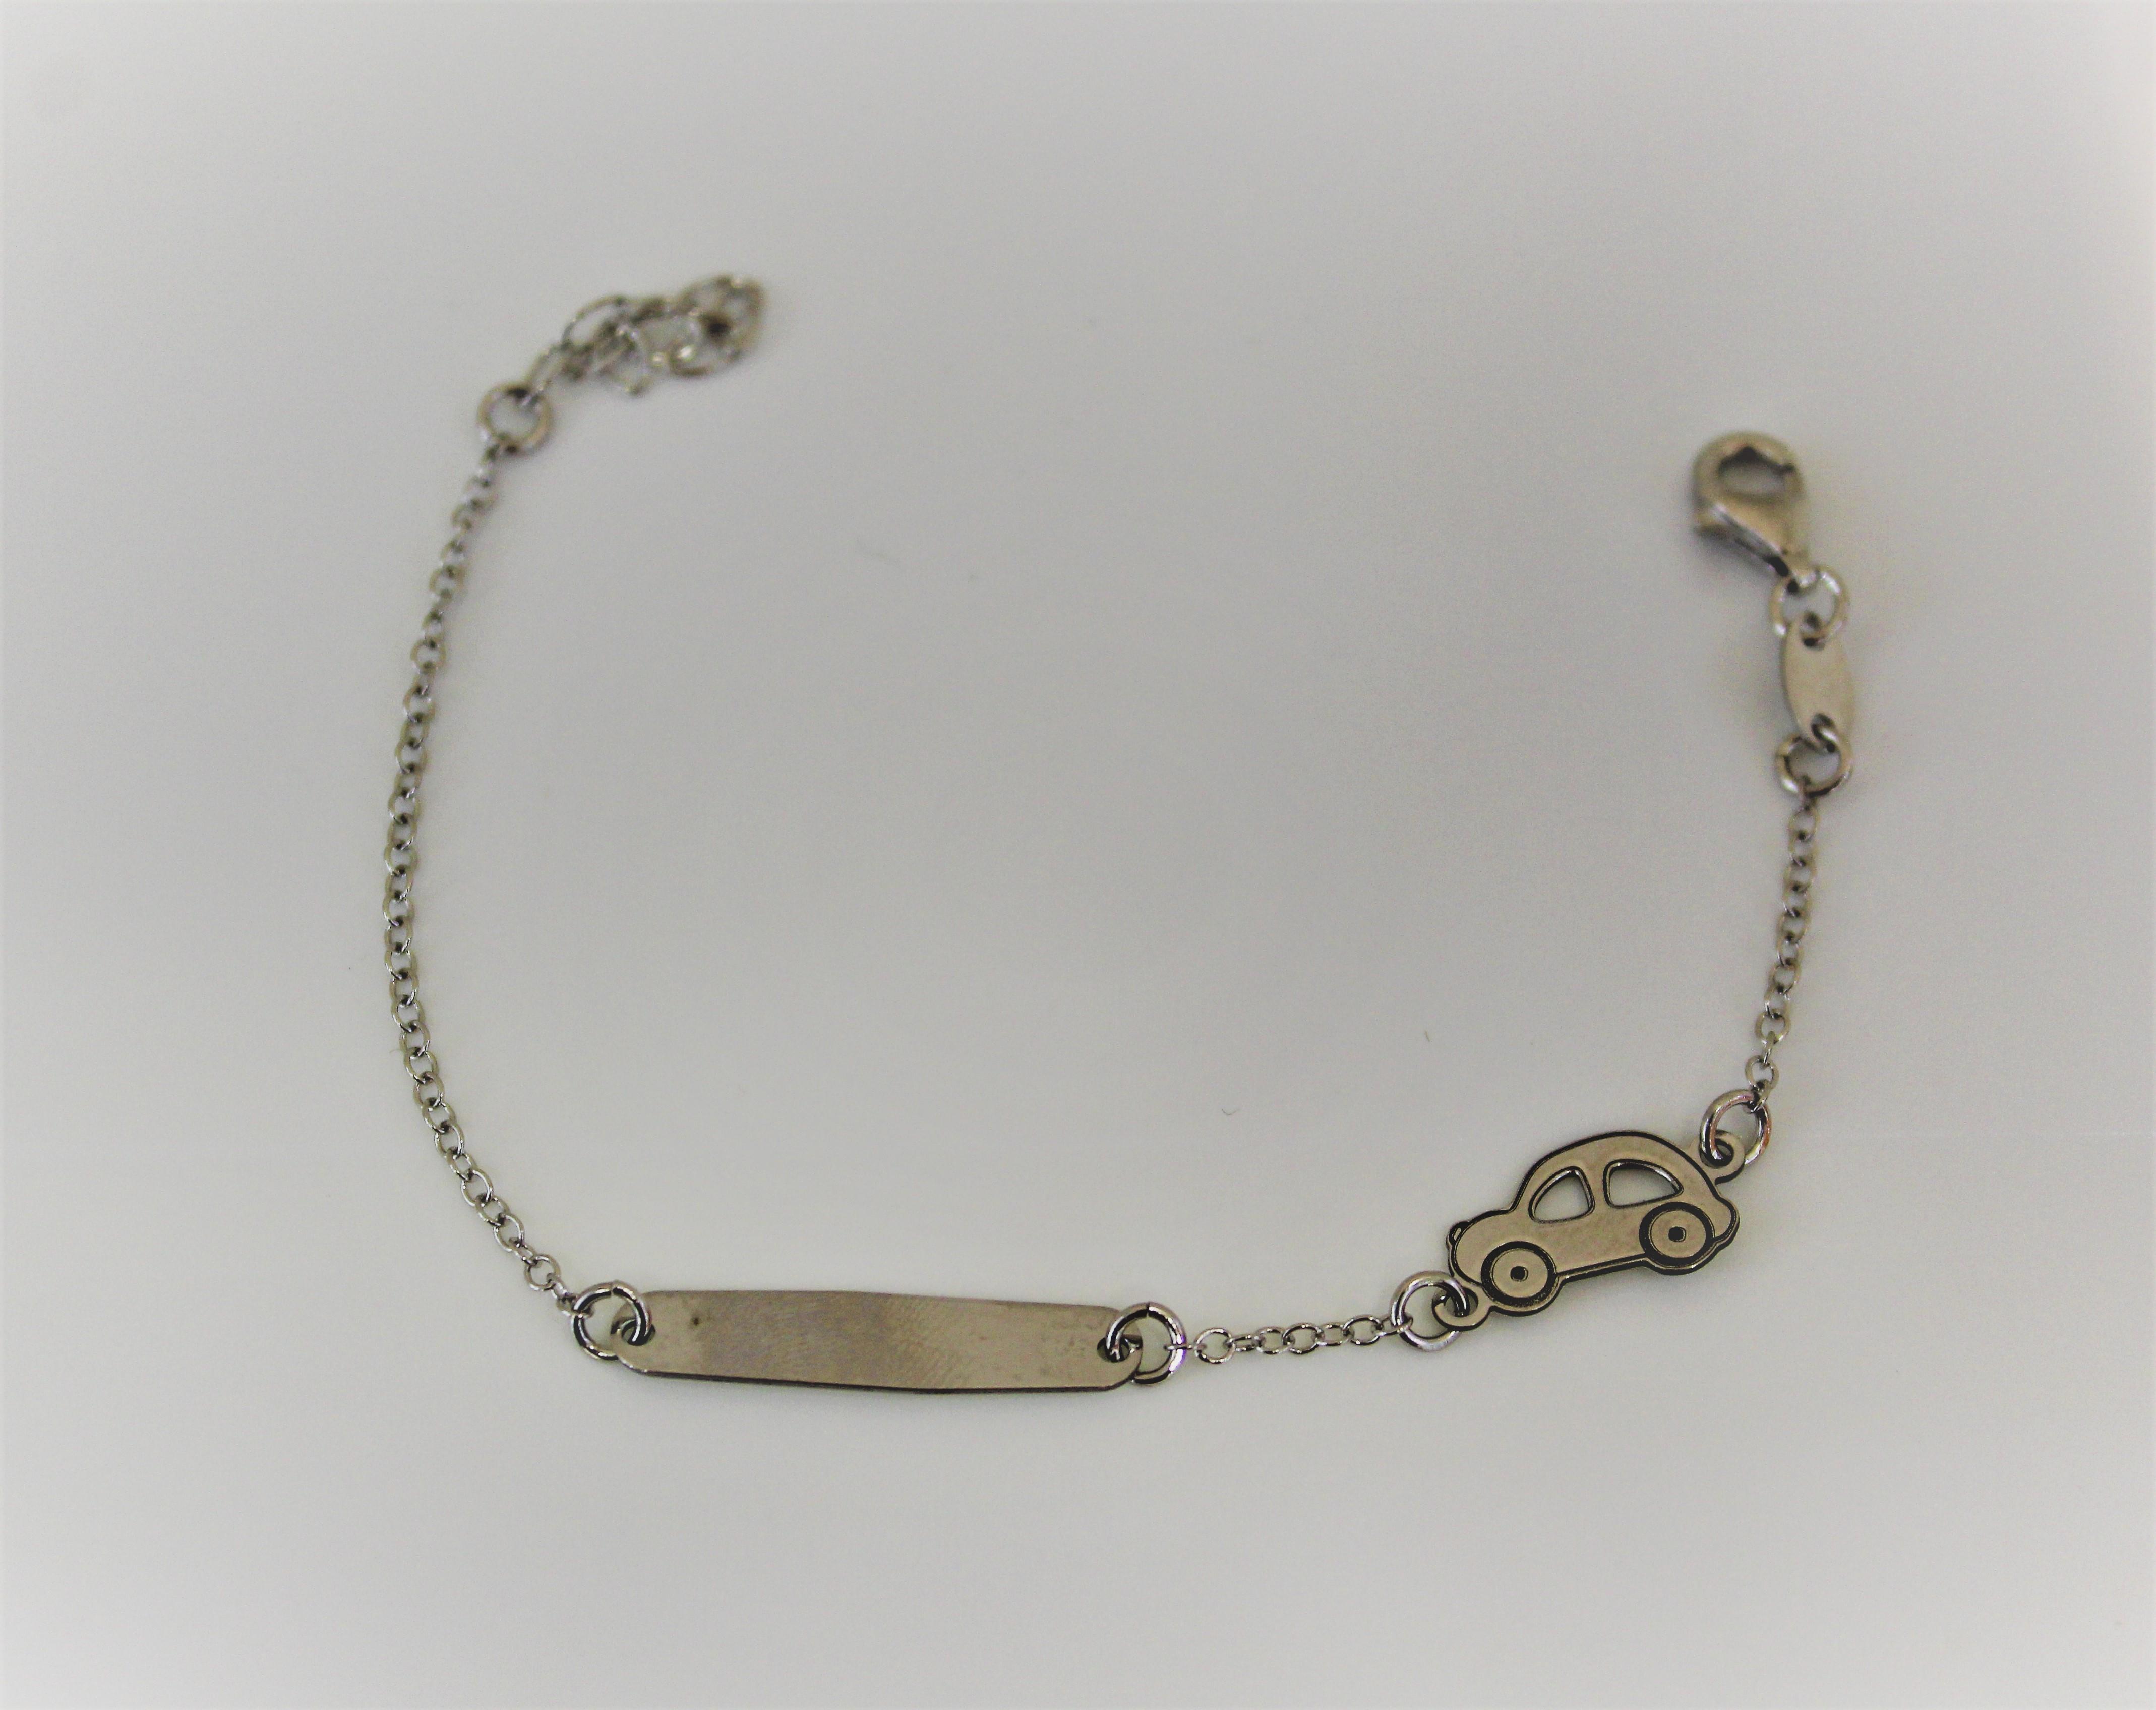 en ligne ici complet dans les spécifications meilleures baskets Bracelet pour enfant en argent 925 avec étiquette personnalisable avec le  nom de